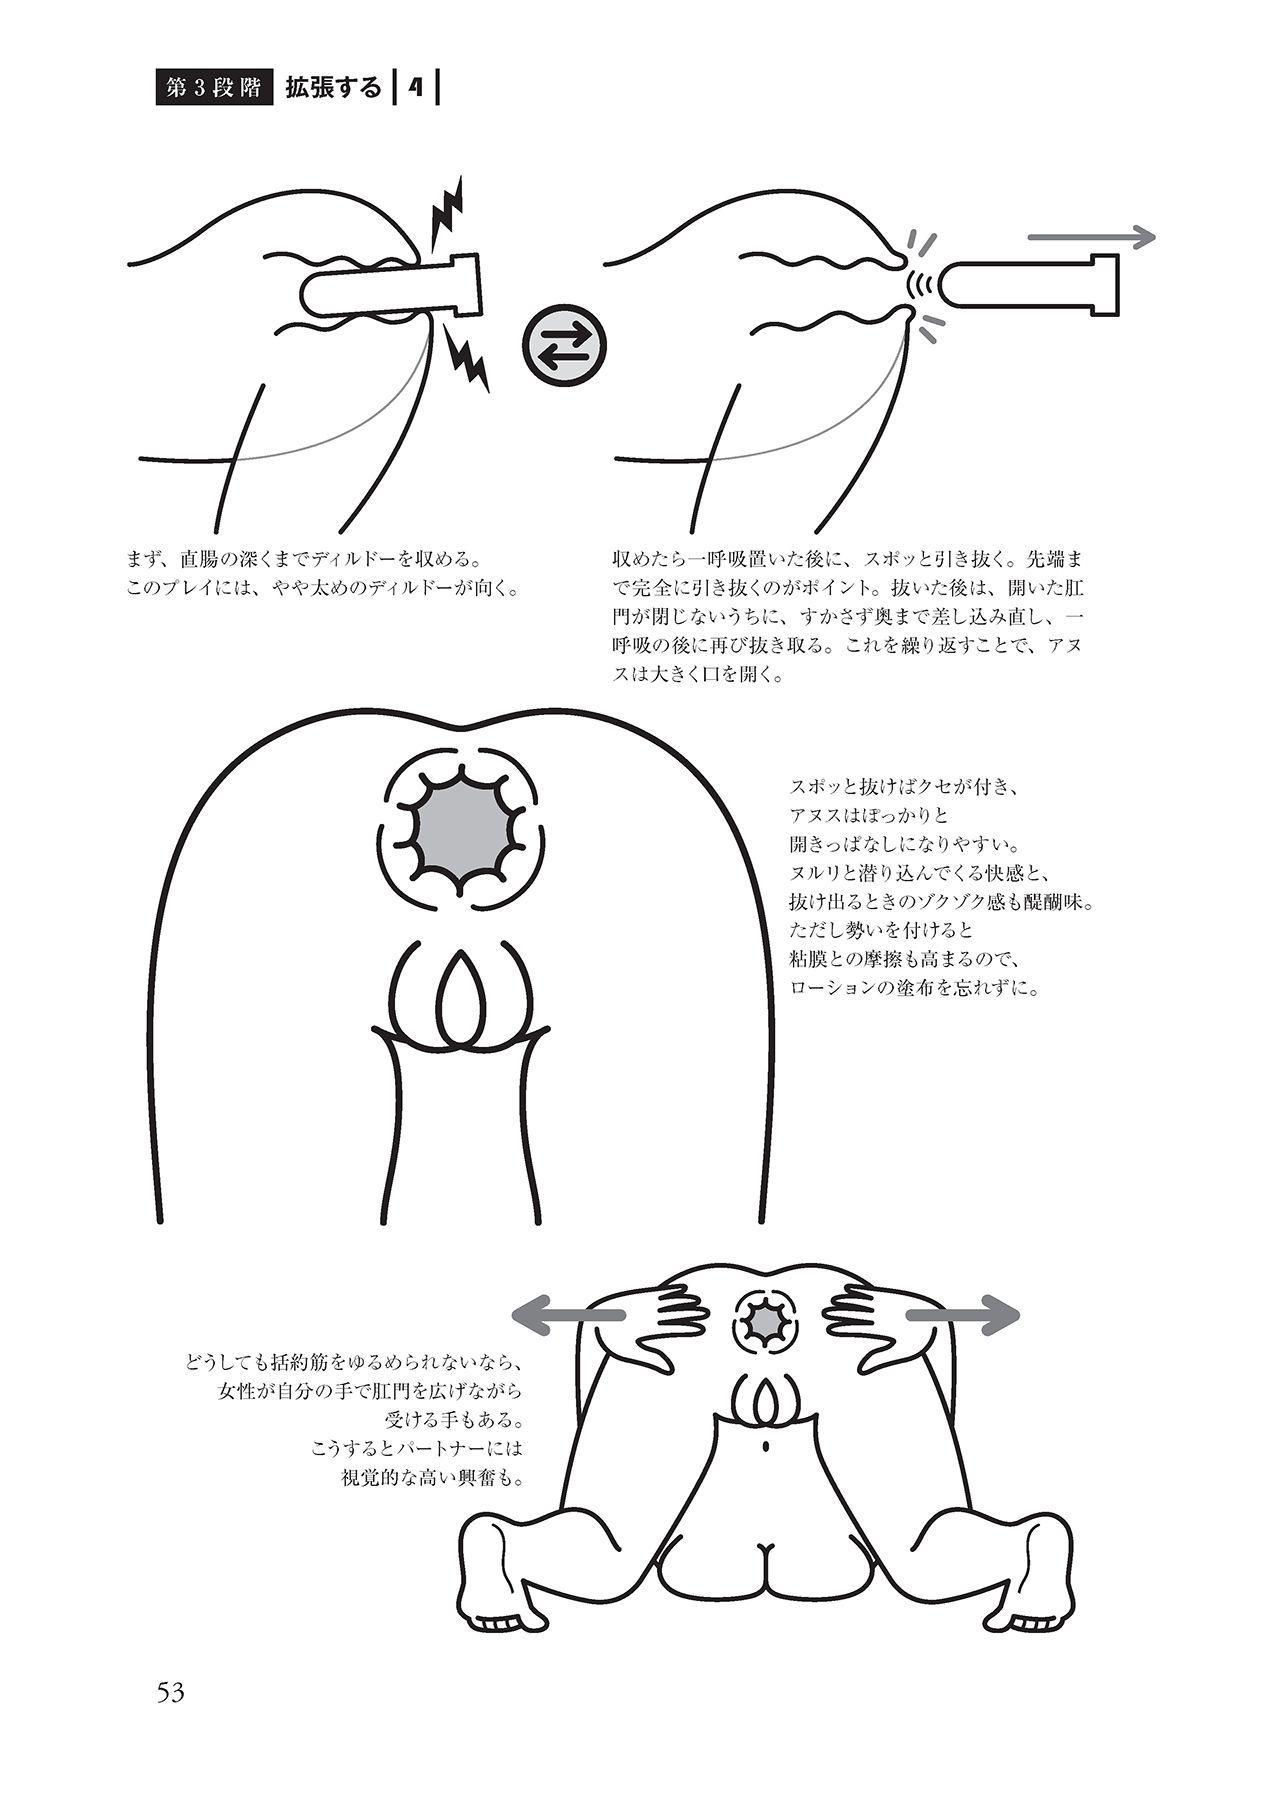 アナル性感開発・お尻エッチ 完全マニュアル 54